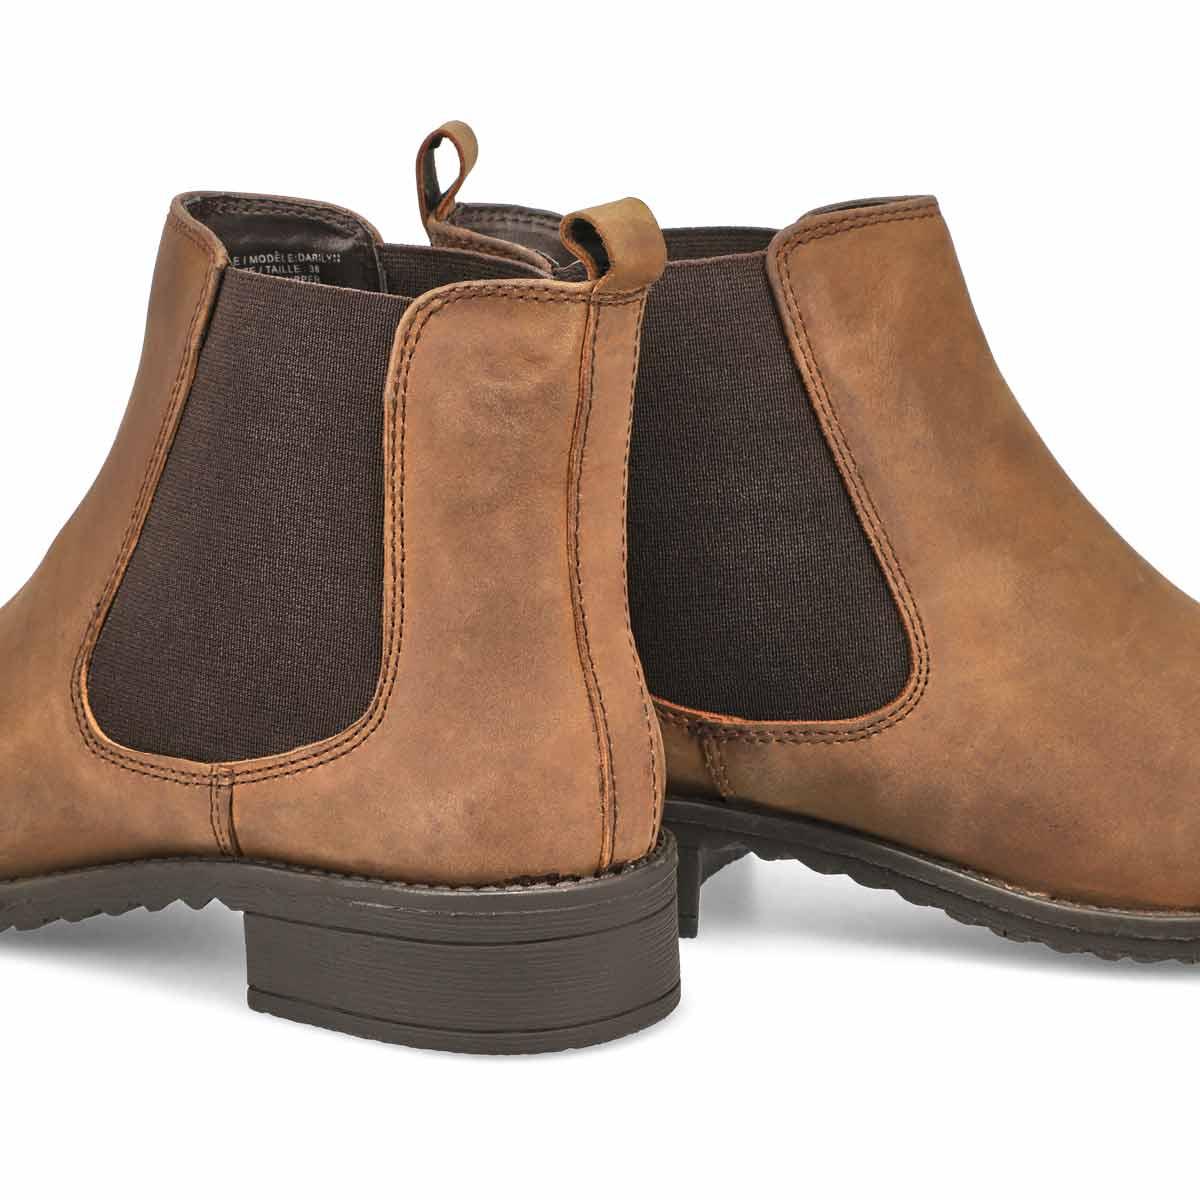 Lds Darilyn brown chelsea boot